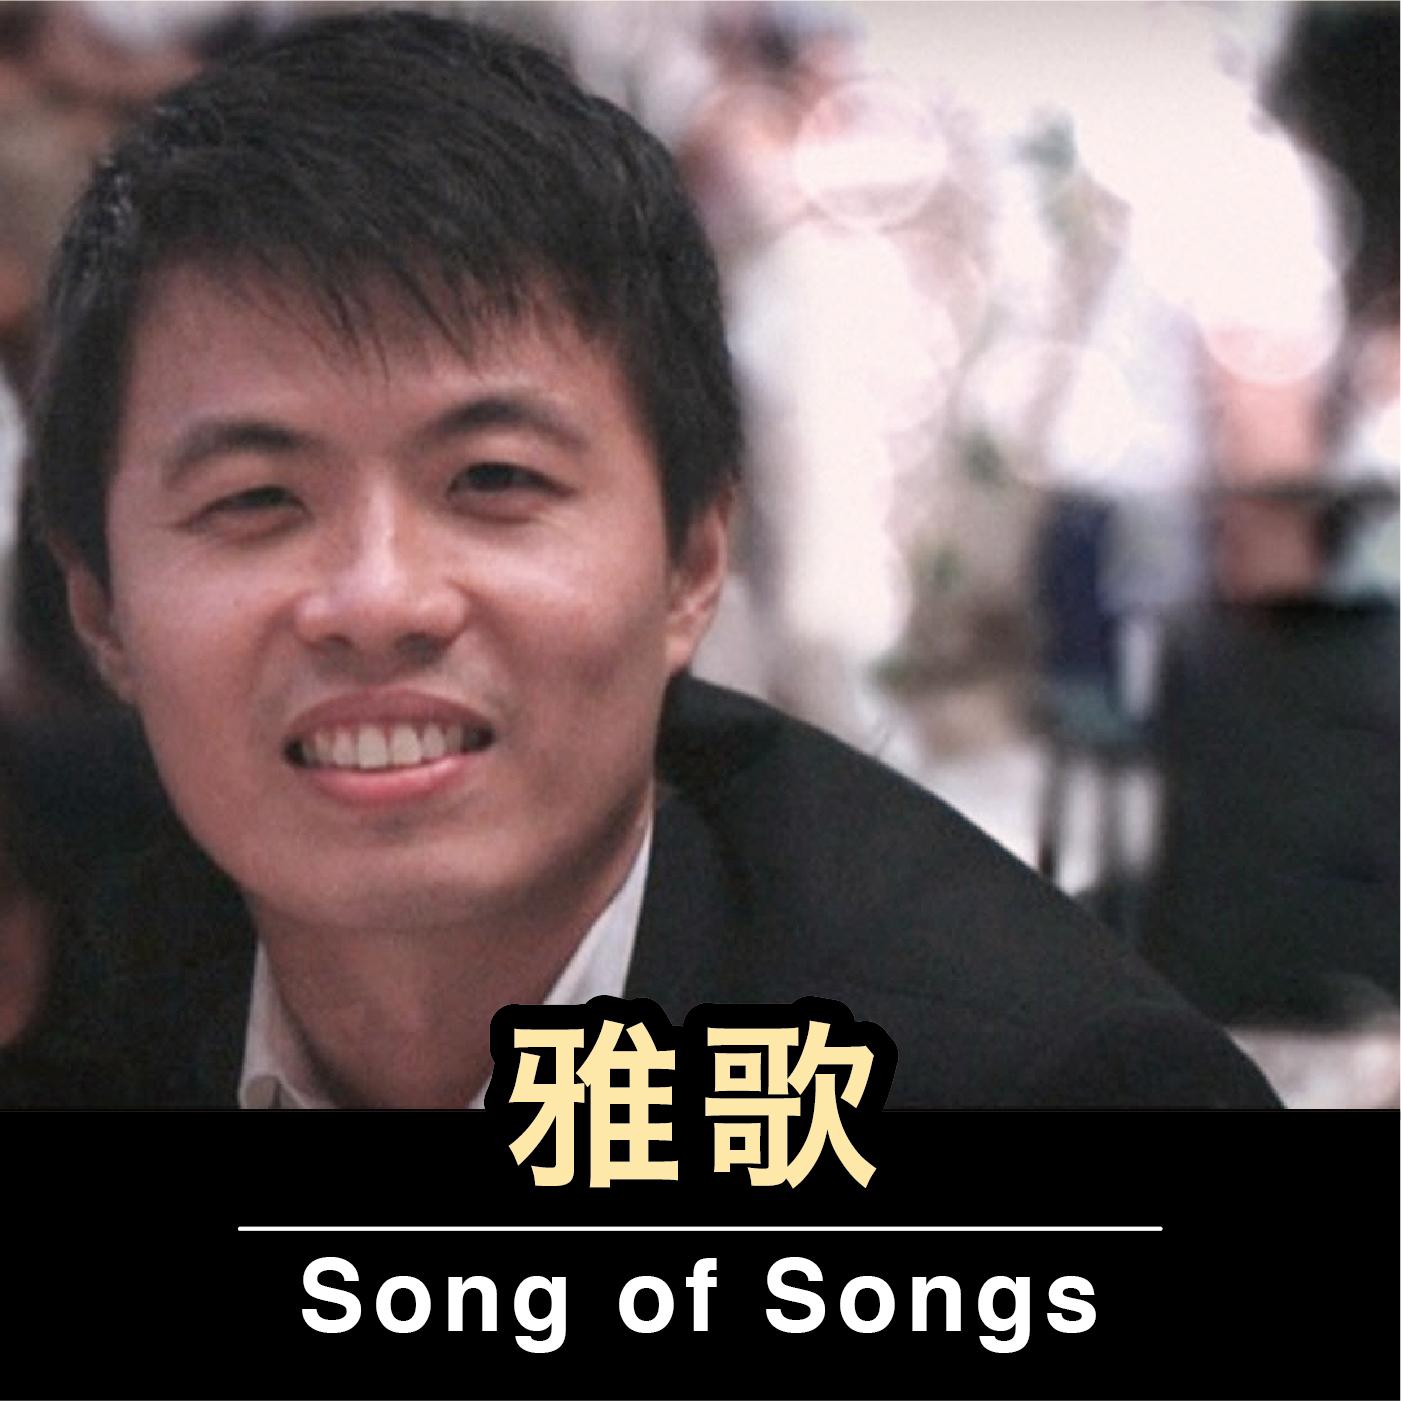 圣经--22雅歌总览 (朱志山牧师)[新加坡基督生命堂] 门徒培训讲道